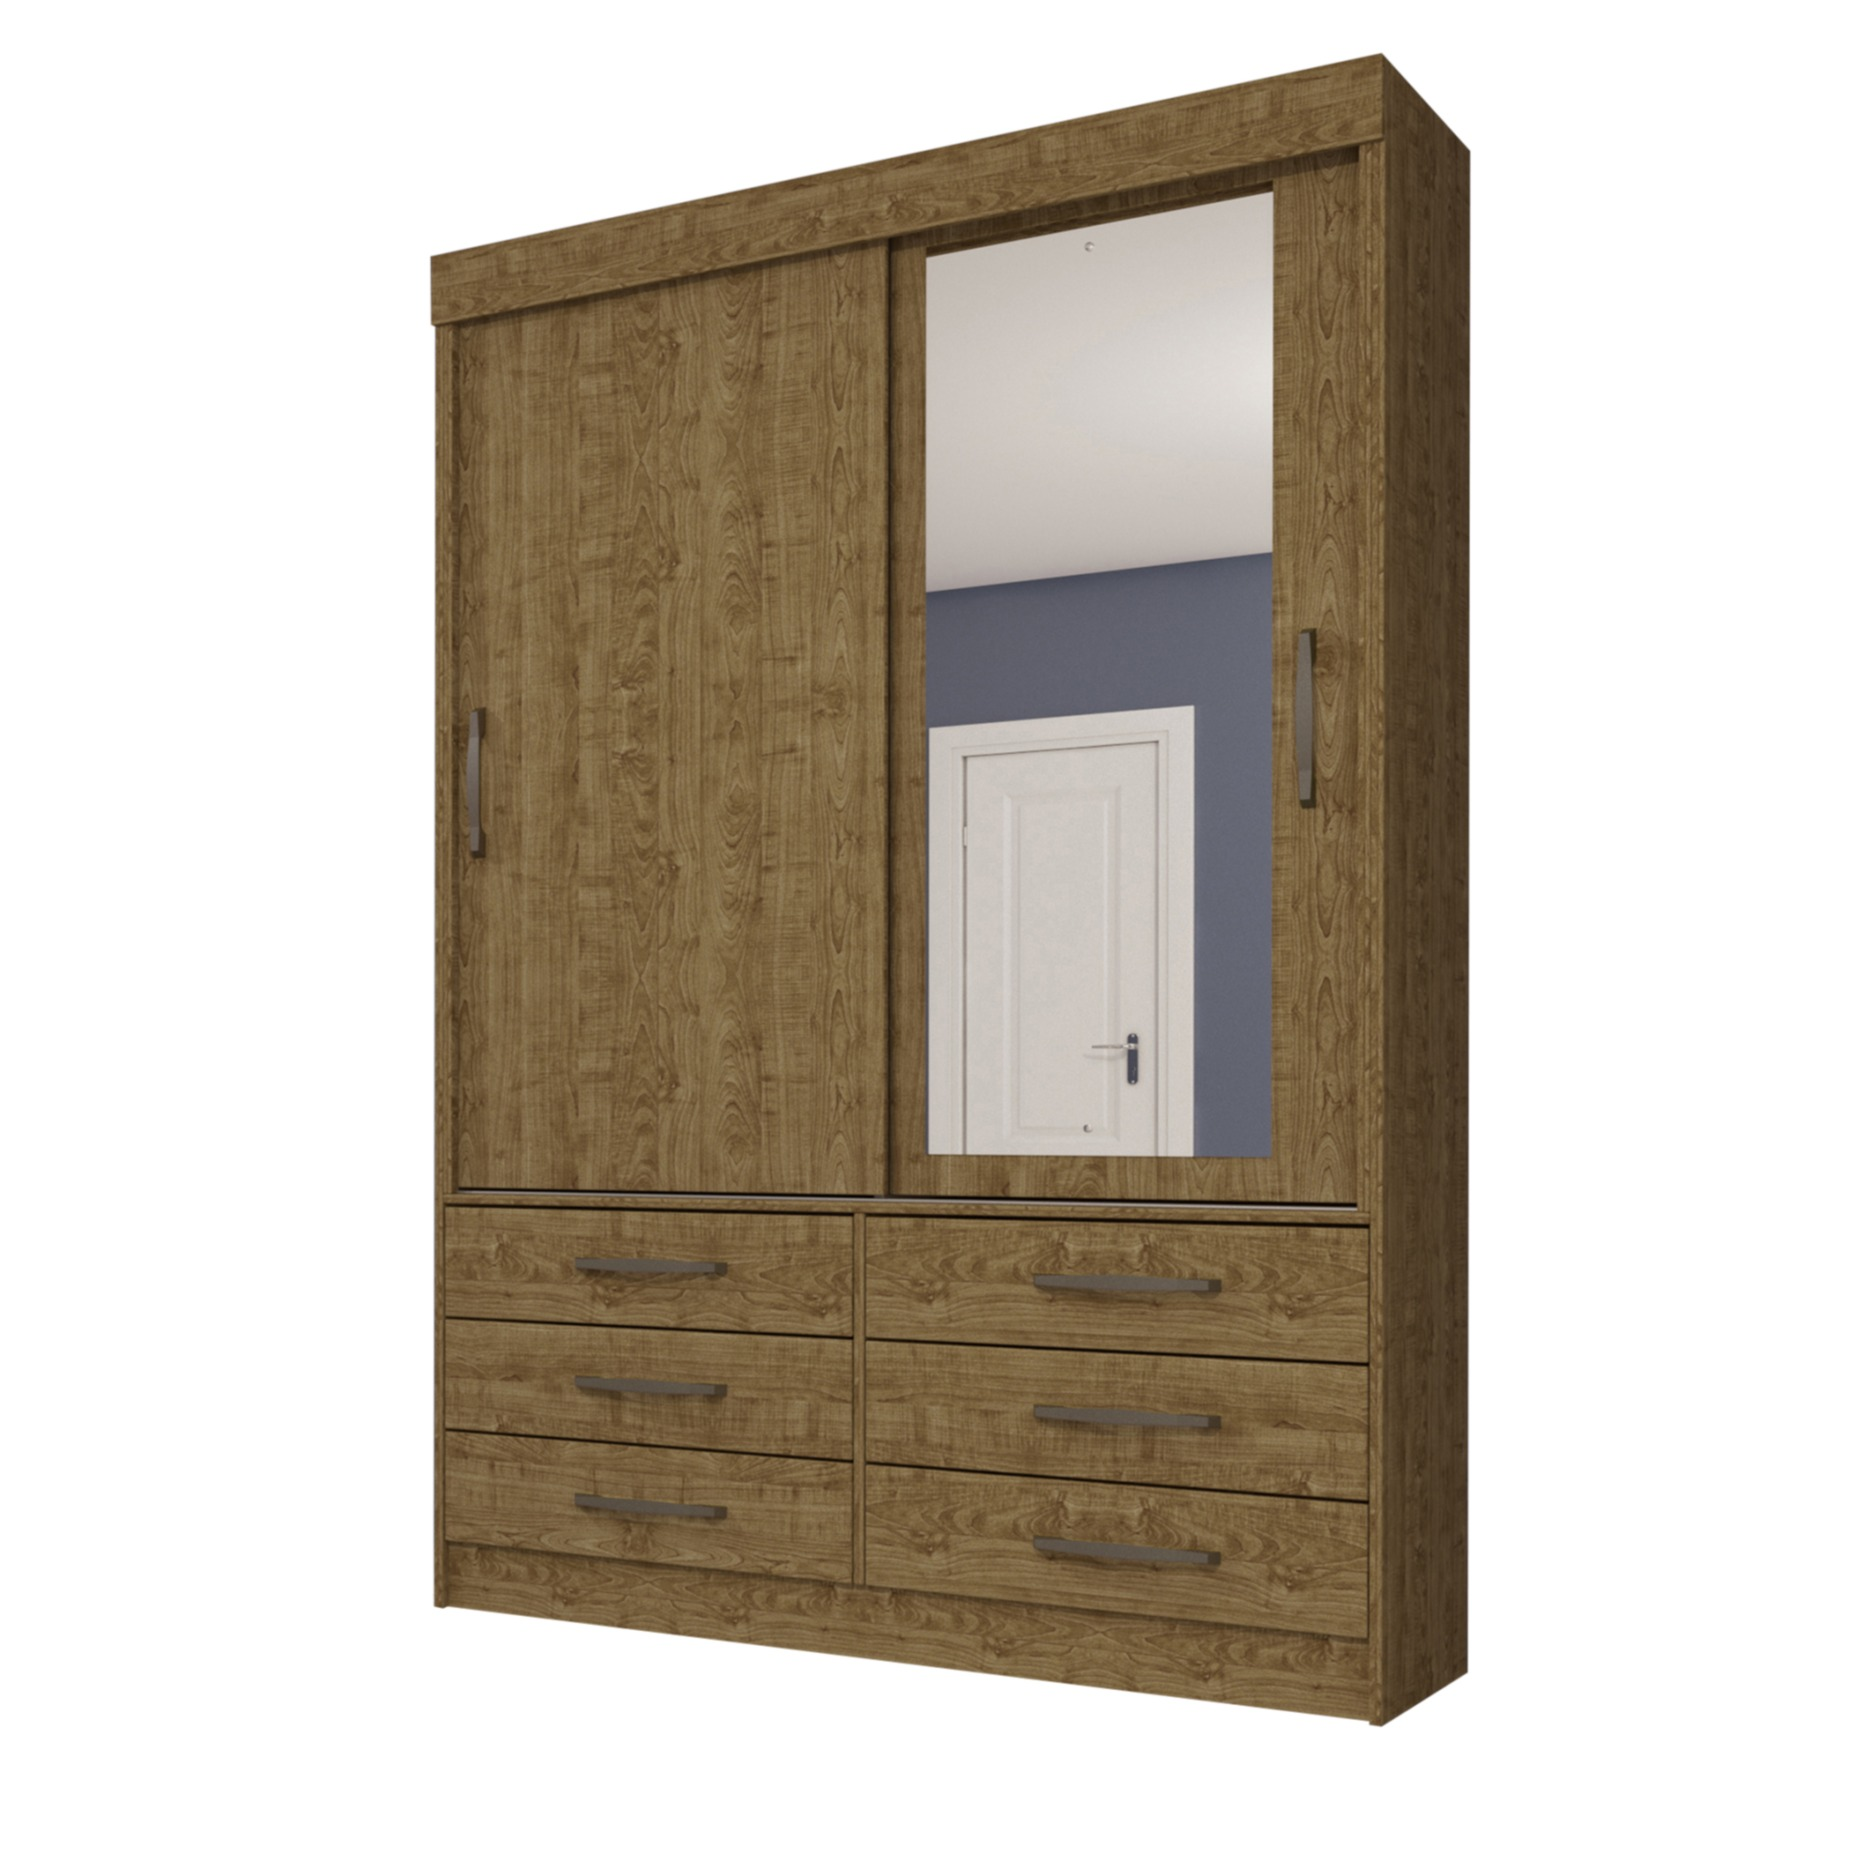 Guarda-roupa Solteiro com Espelho 2 Portas Imbuia Rustic Chicago - Tcil